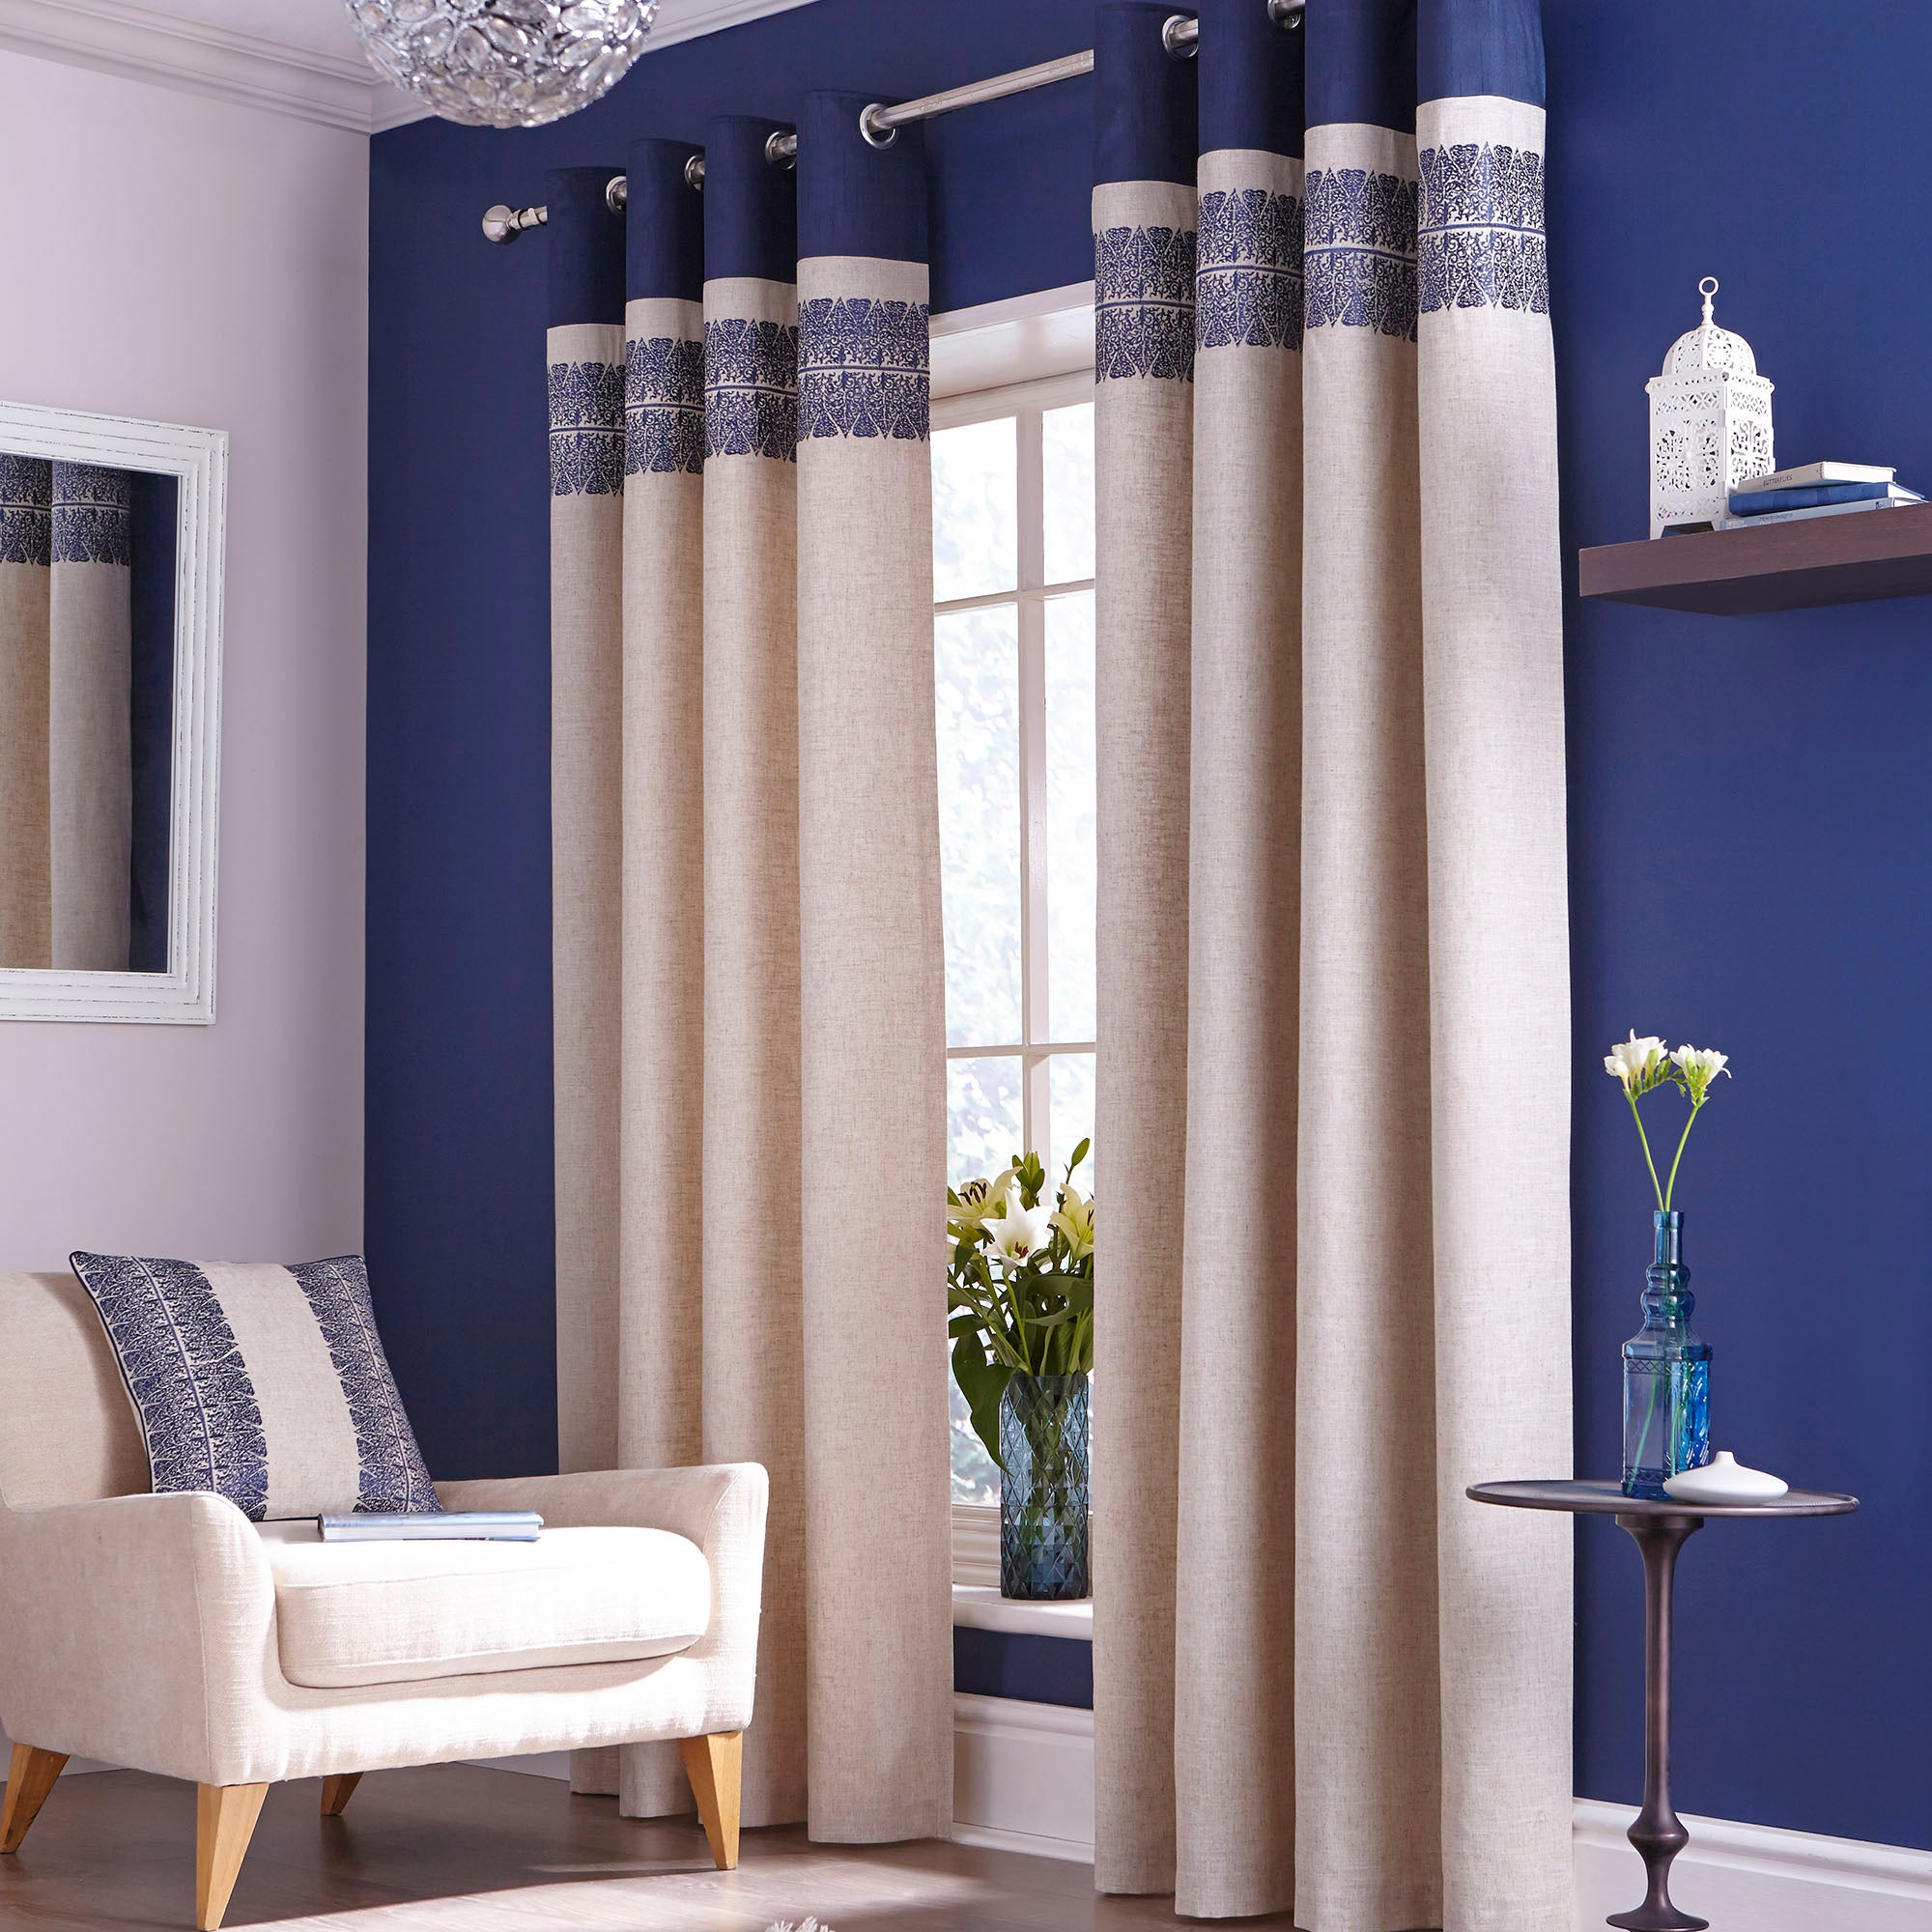 Blue Indigo Lined Eyelet Curtains